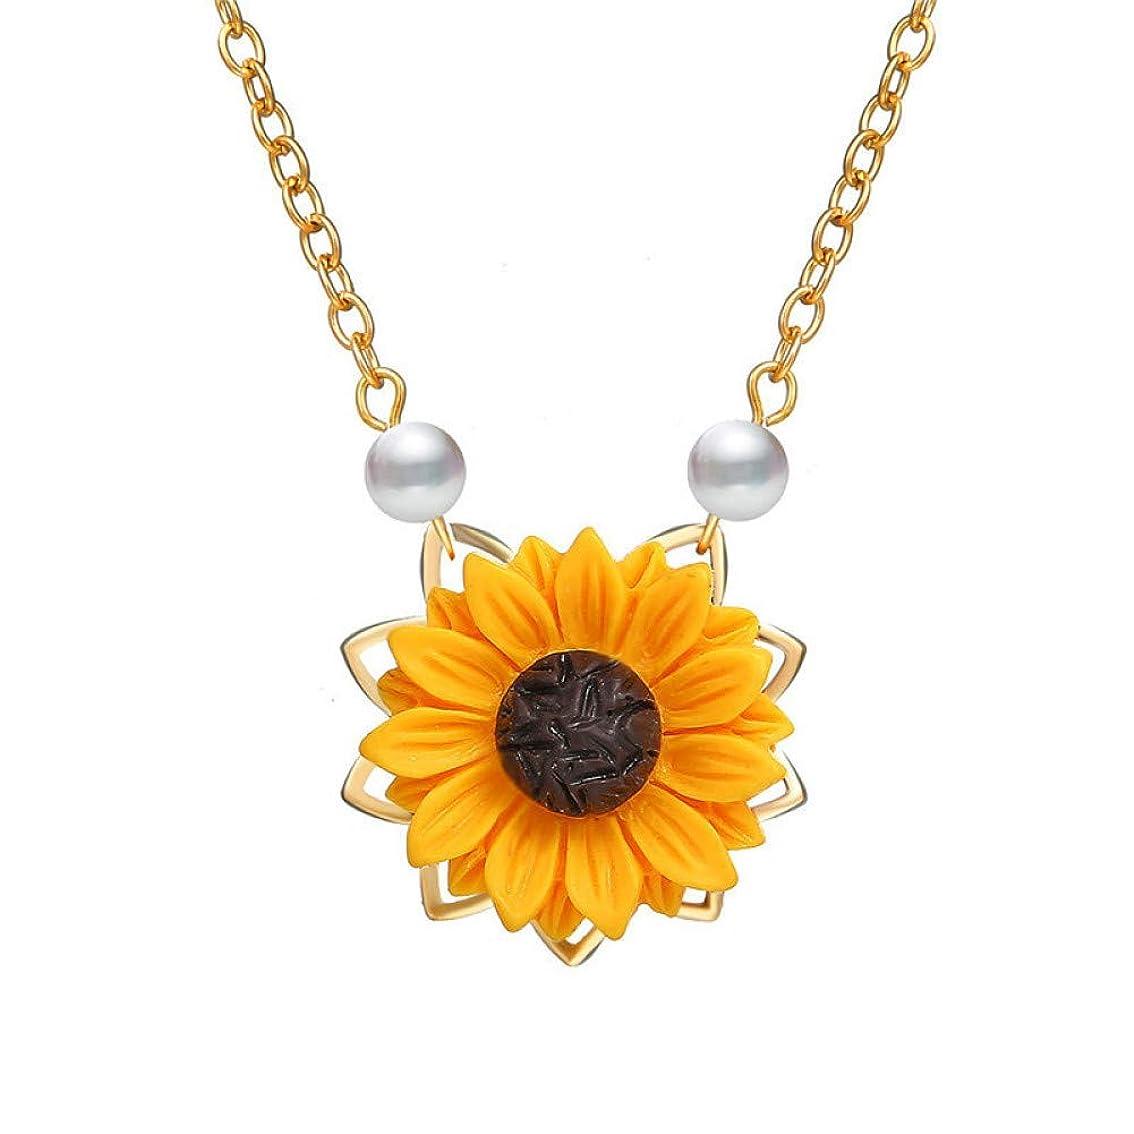 キャンバス勃起言うSWKOMB ファッション模造真珠の太陽の花のネックレスペンダント女性のためのアクセサリーひまわりチョーカーネックレスウェディングジュエリー